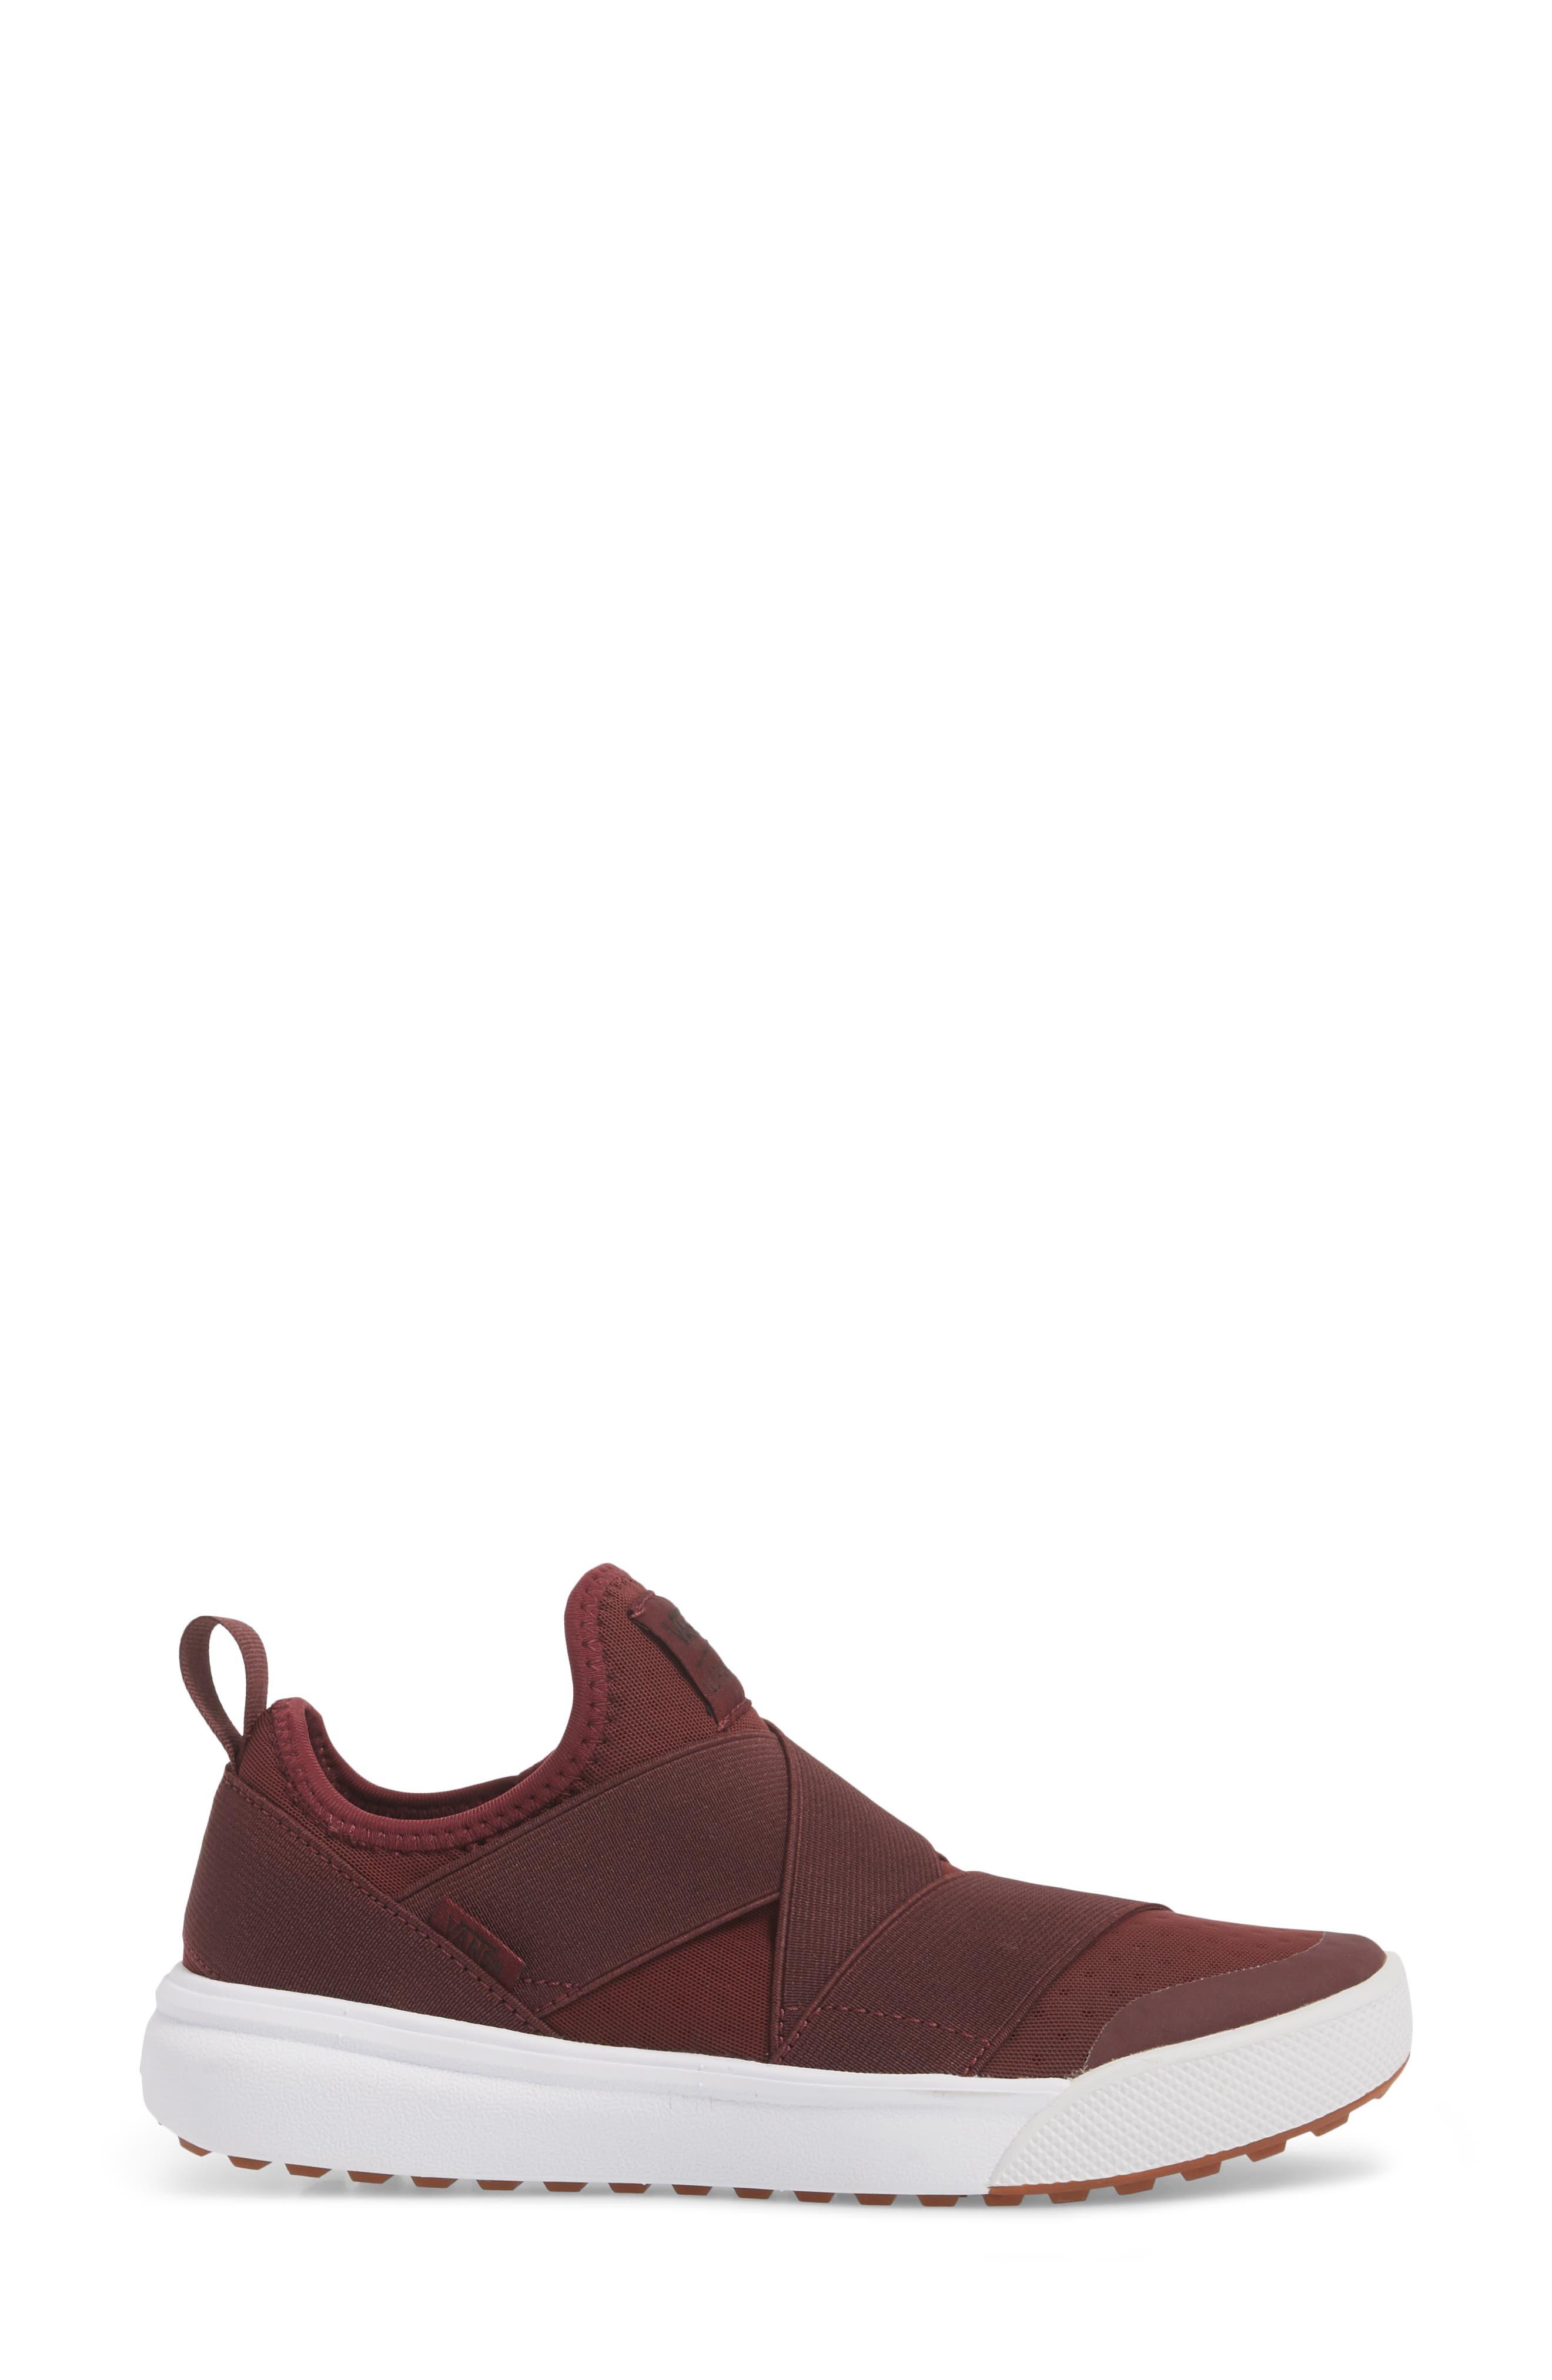 UltraRange Gore Slip-On Sneaker,                             Alternate thumbnail 4, color,                             Port Royale